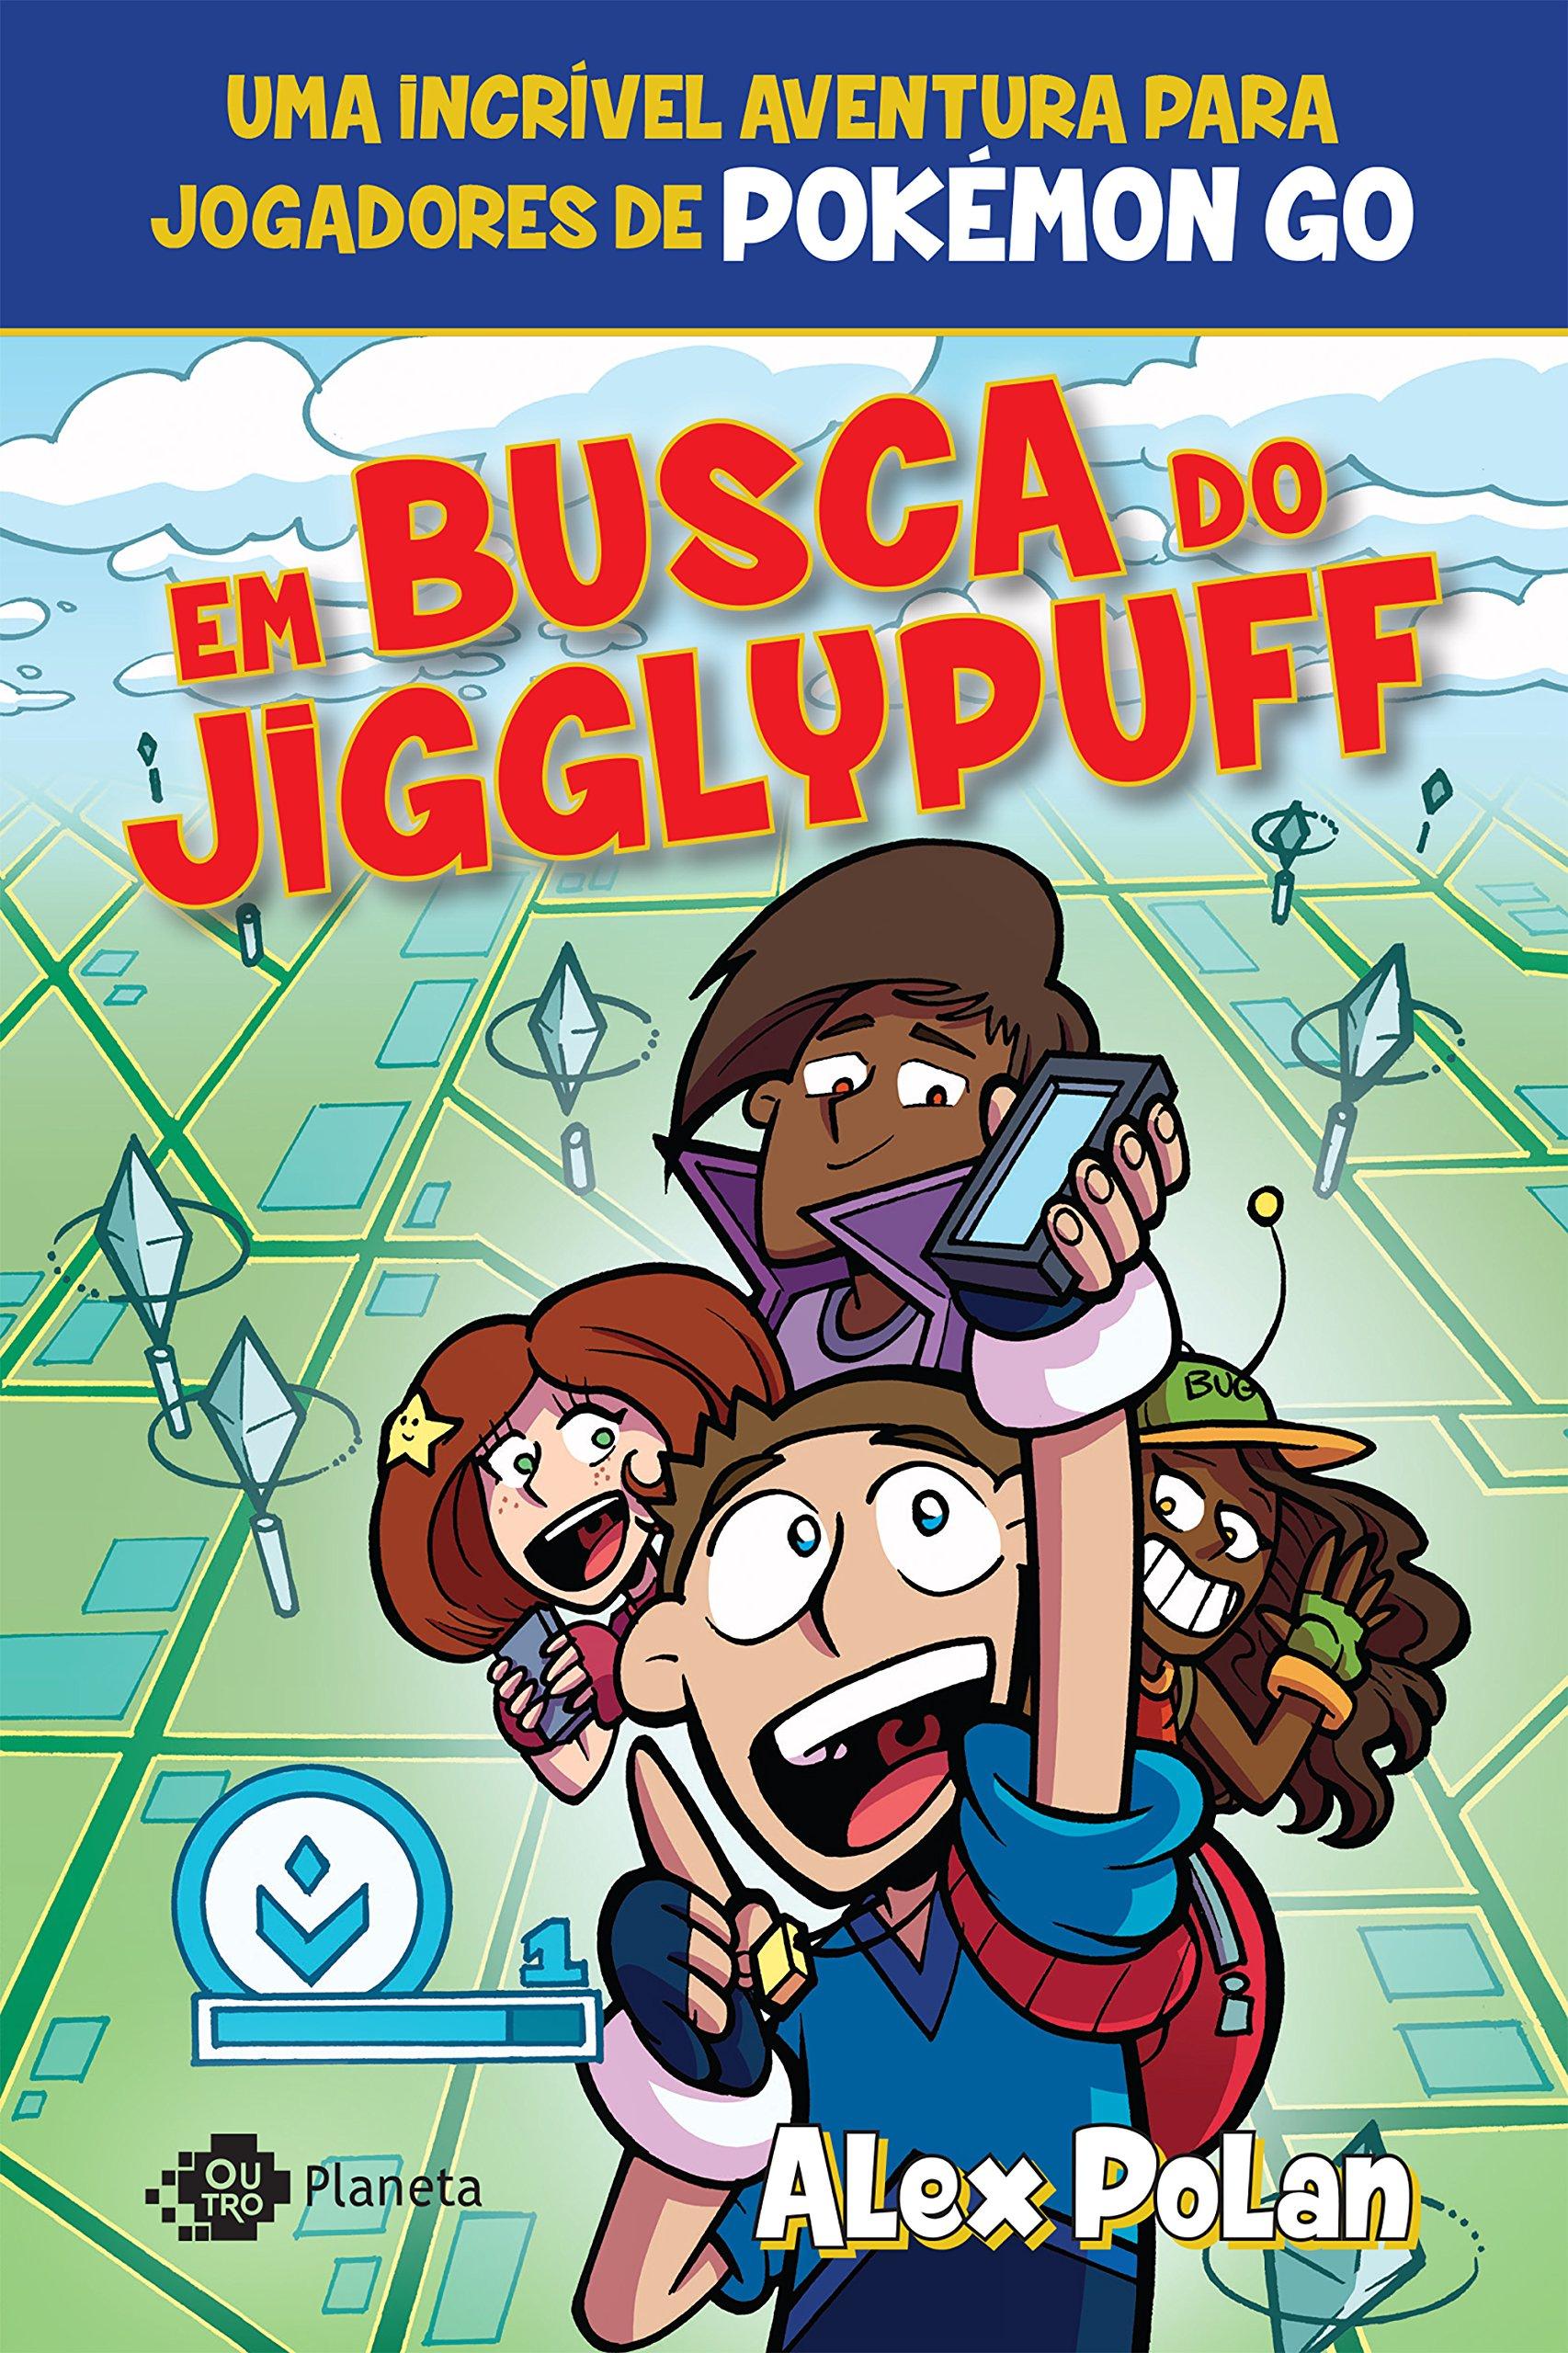 Em busca de Jigglypuff